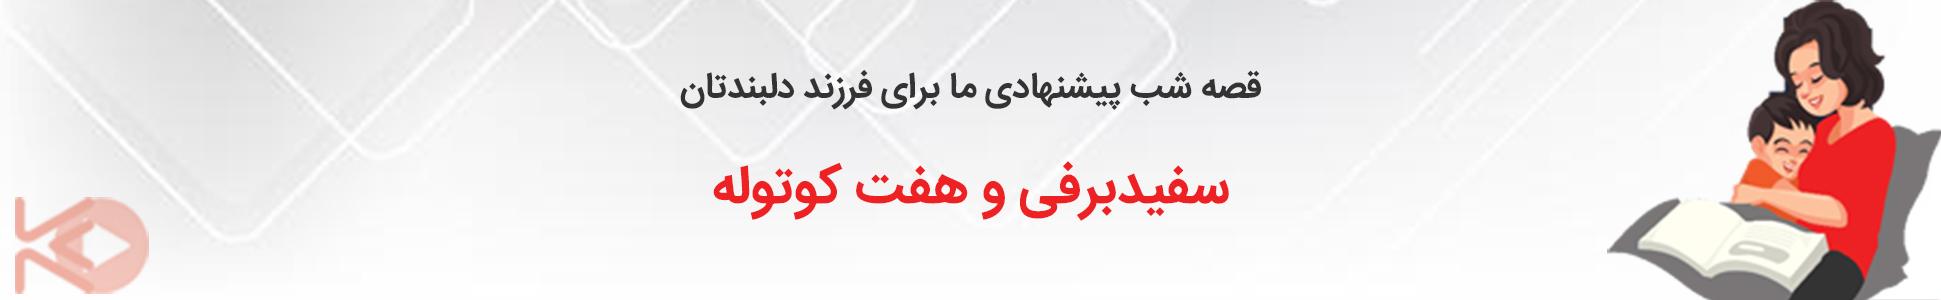 داستان علاءالدین